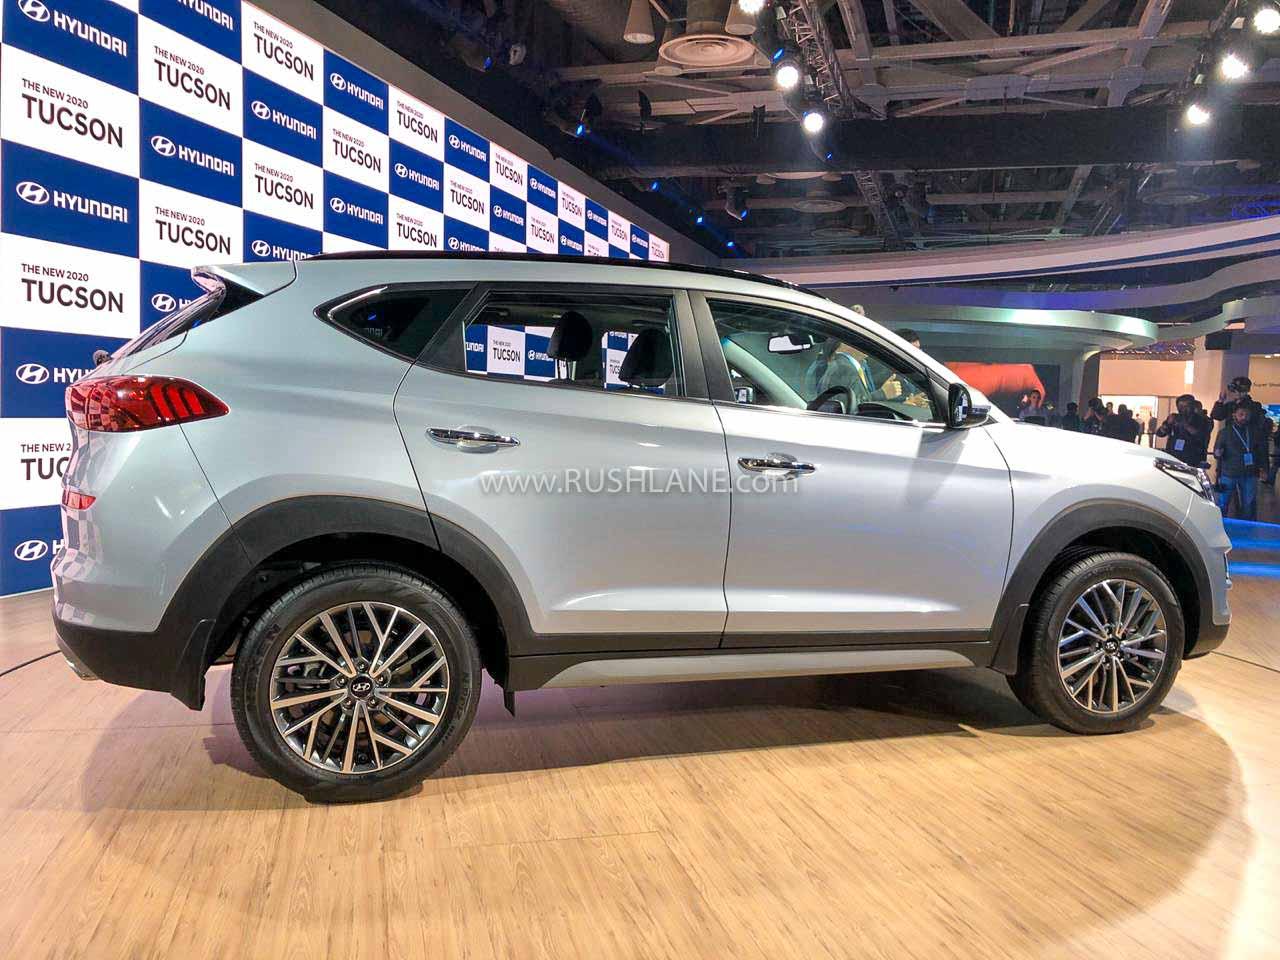 2020 Hyundai Tucson BS6